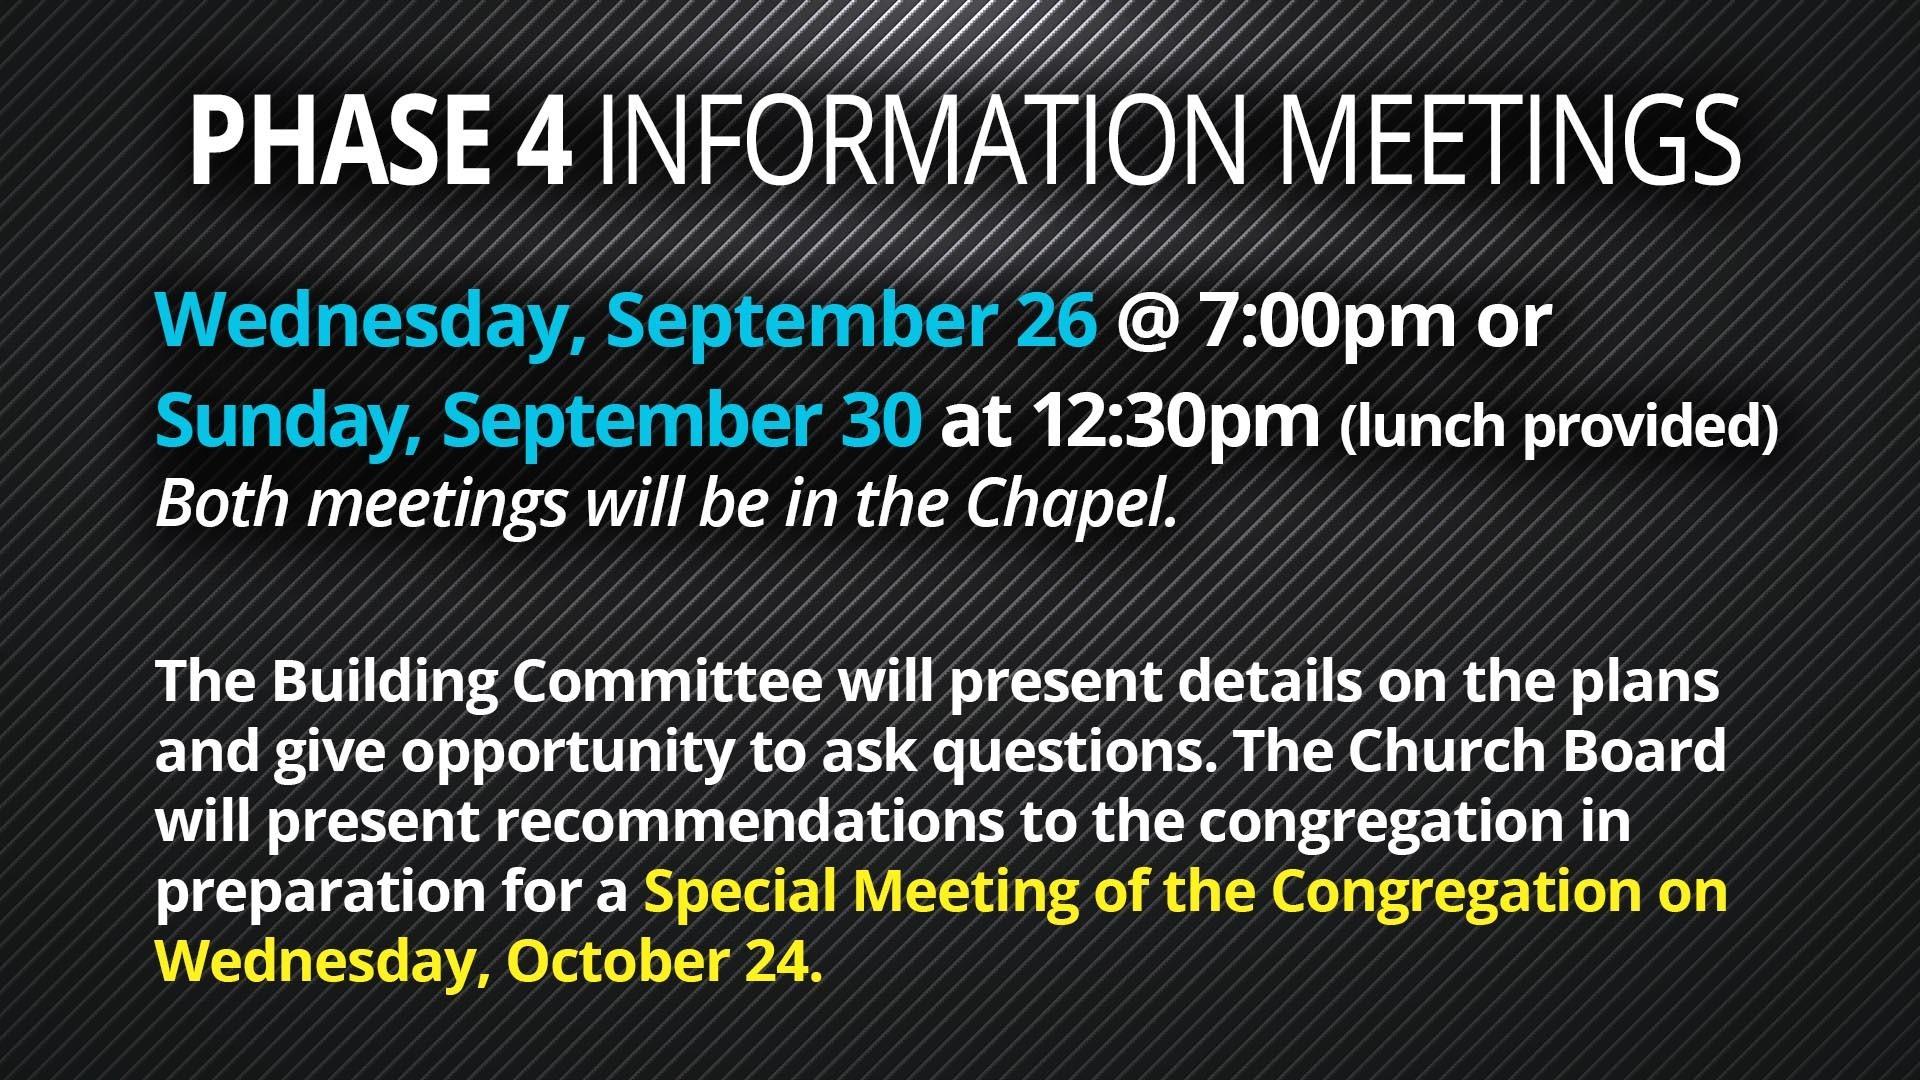 Phase 4 meetings